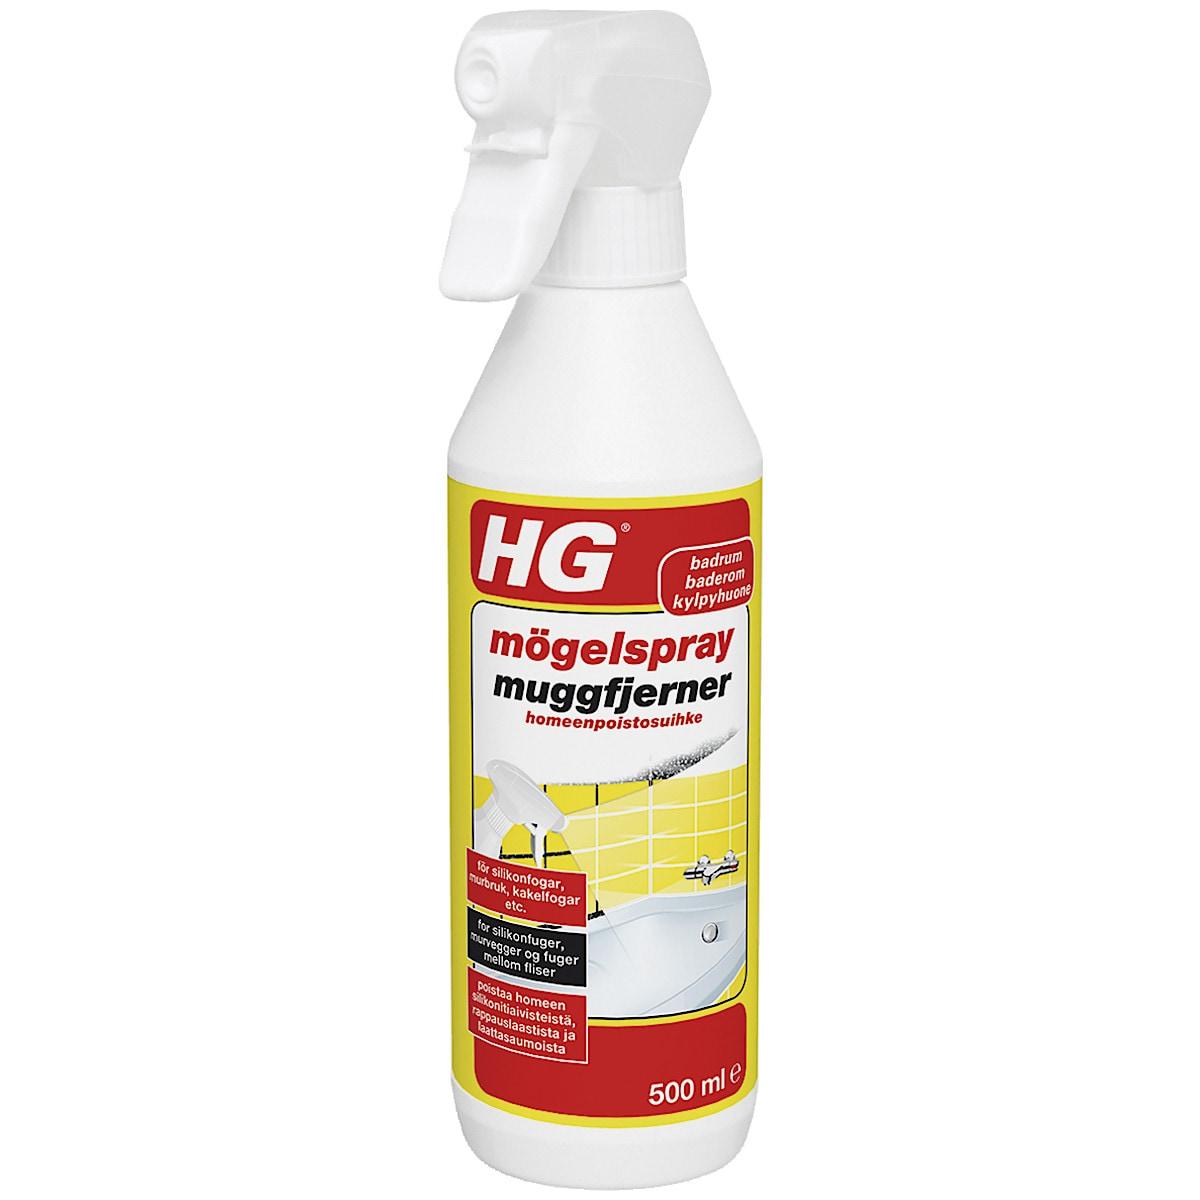 Mögelspray HG